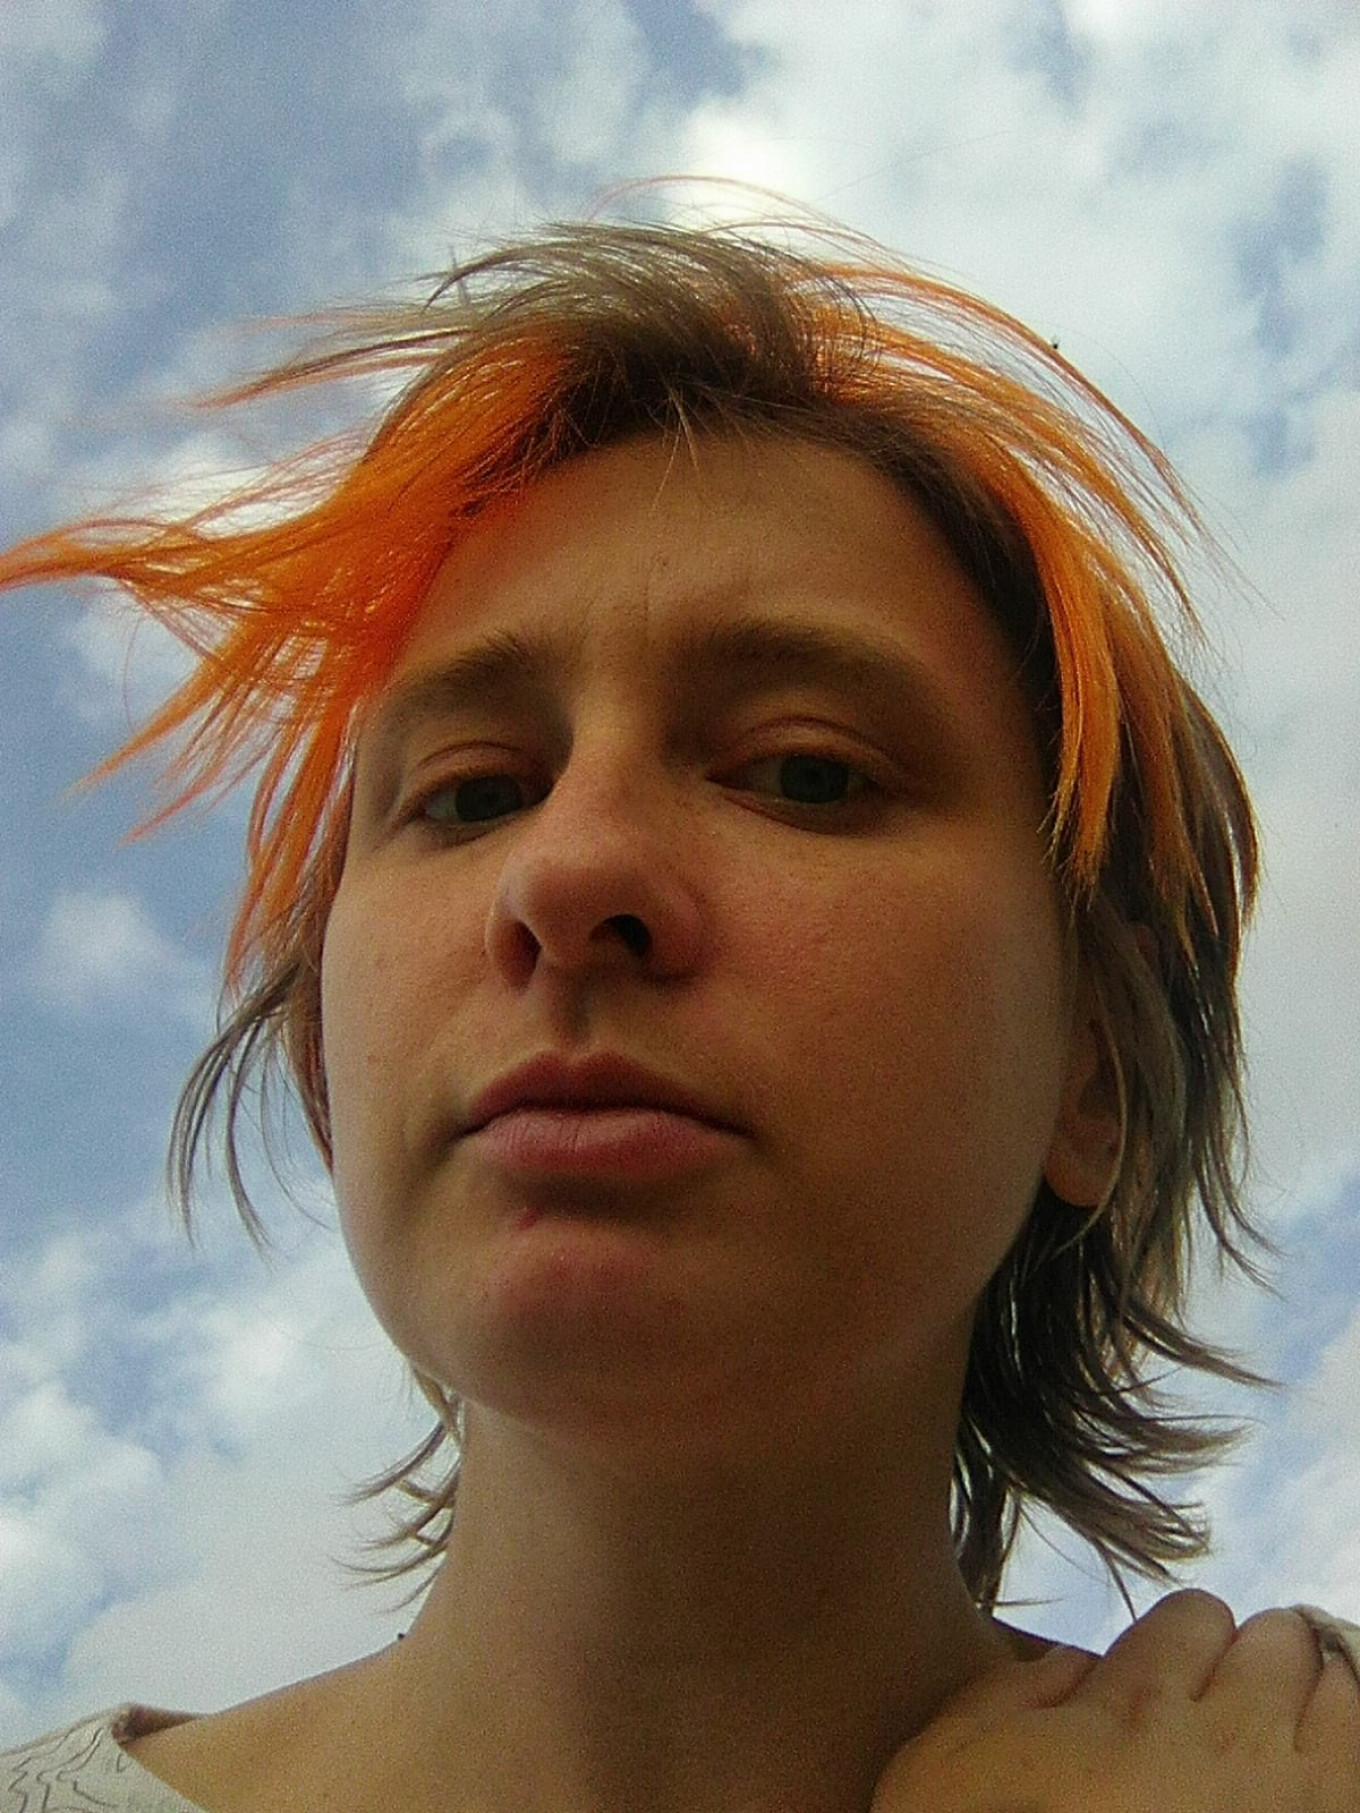 Author Ksenia Buksha Ksenia Buksha